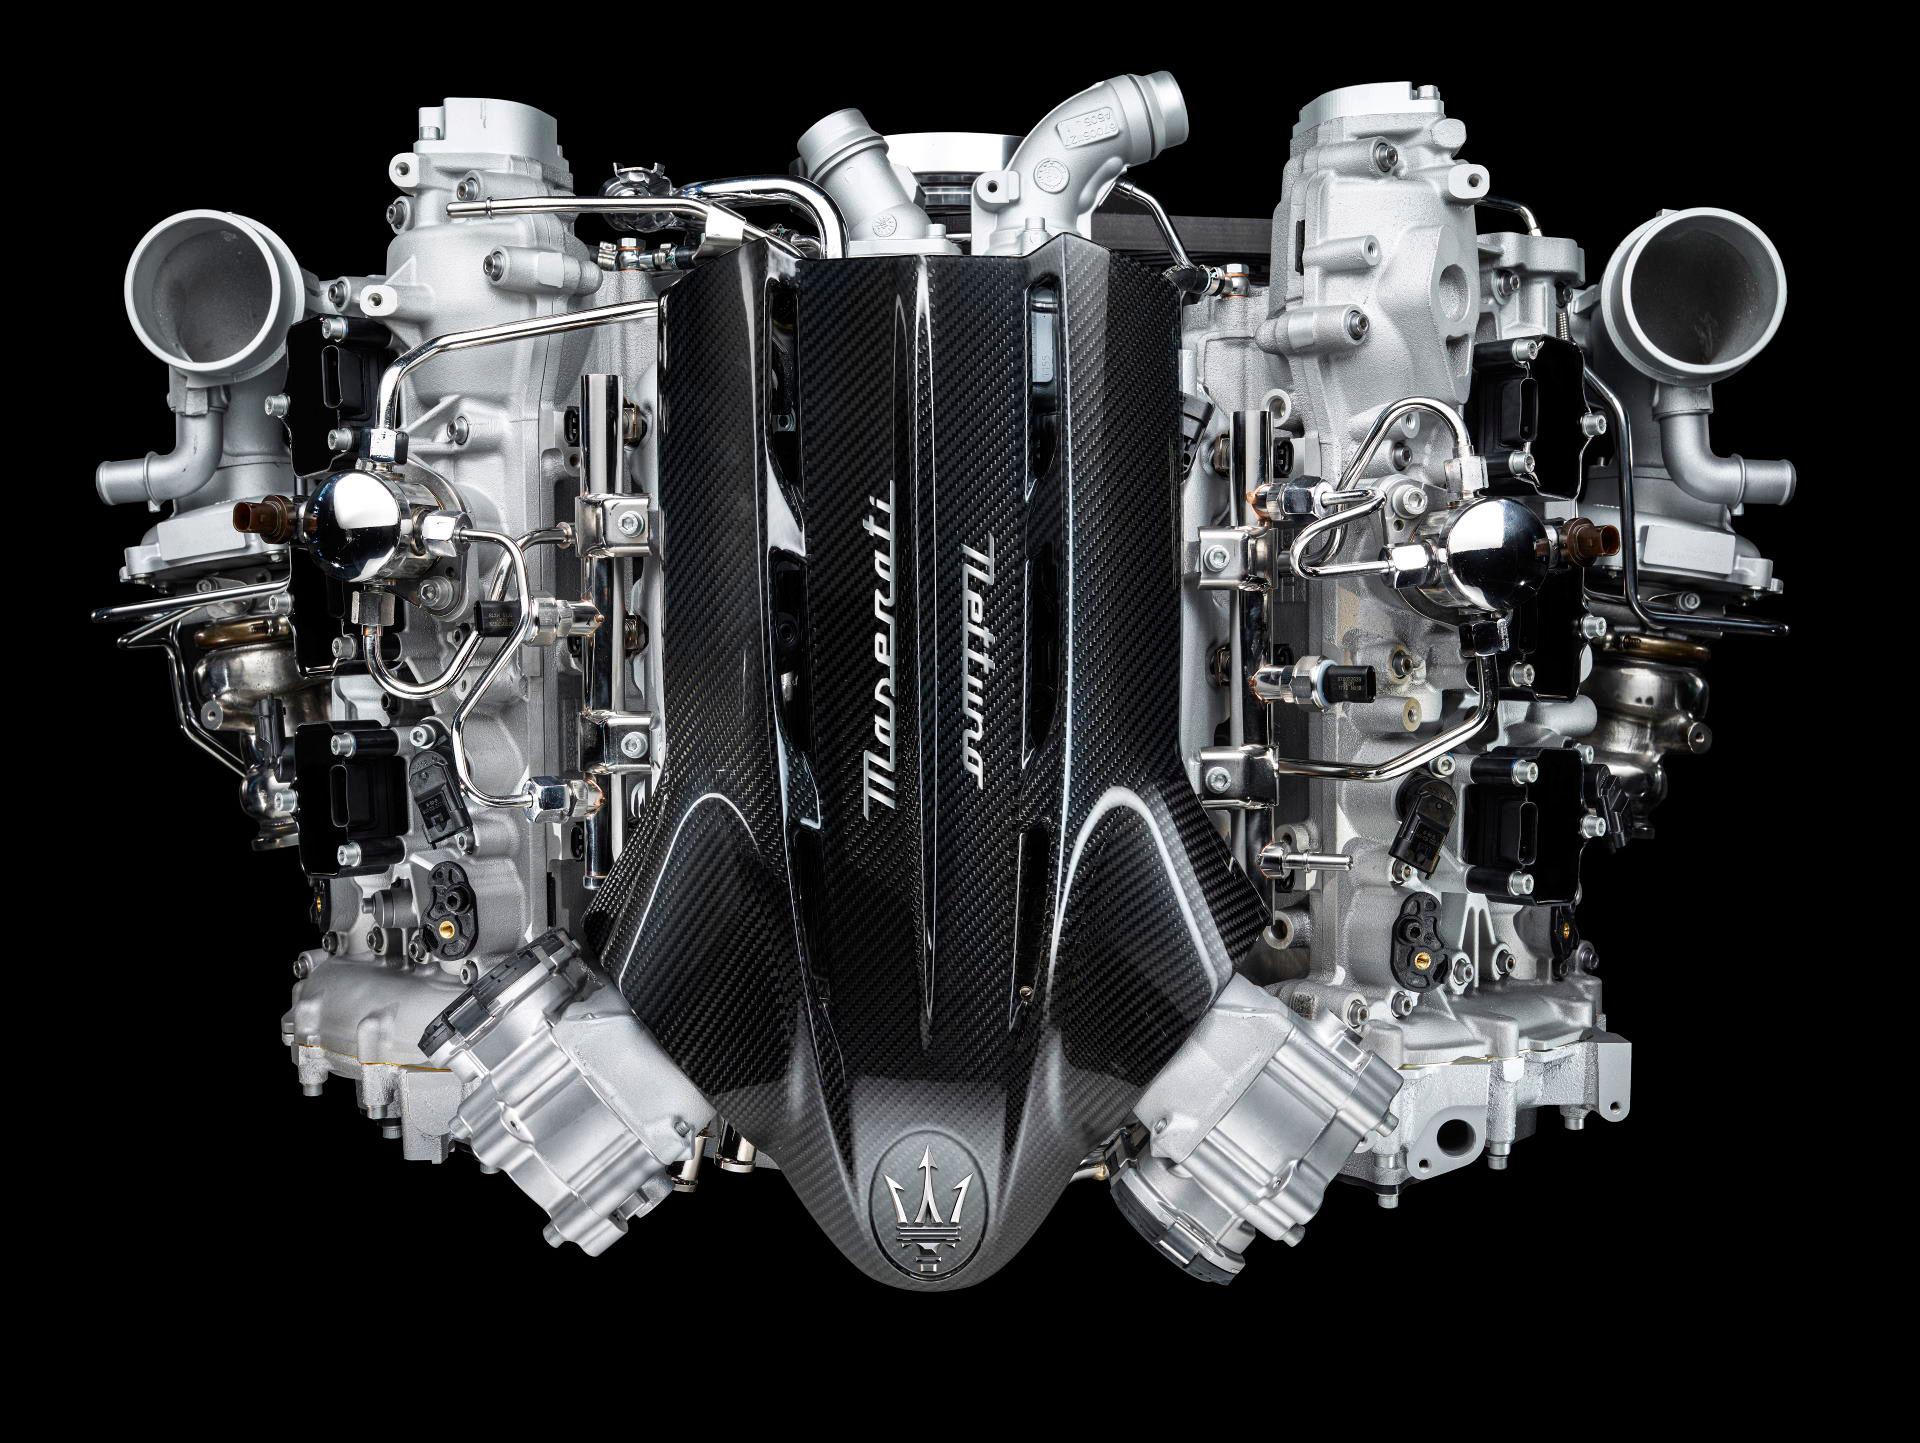 Maserati MC20 Launch: Nettuno Engine